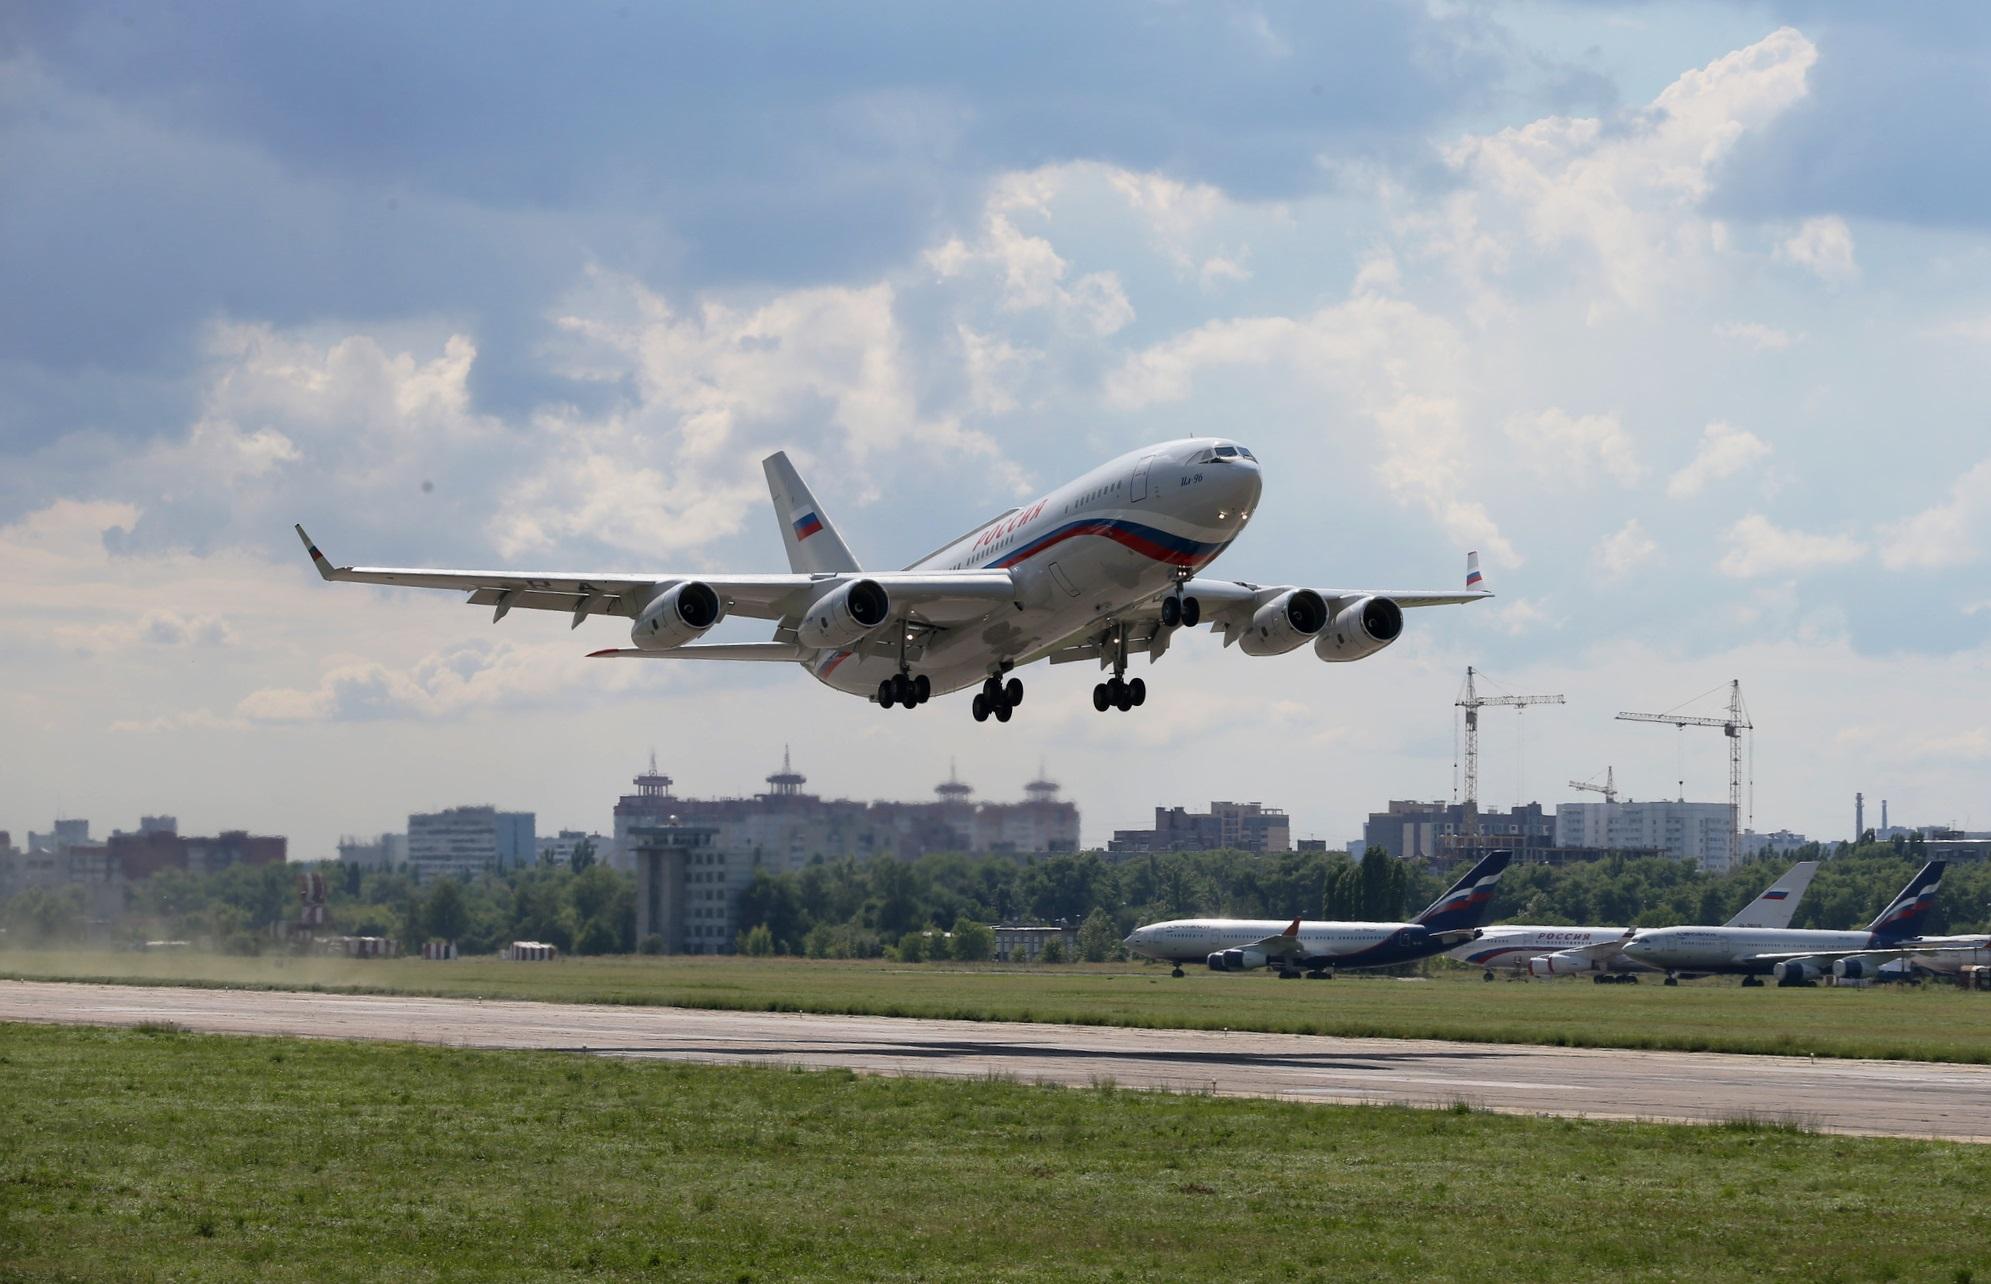 Летный отряд Управления делами президента РФ получил новый самолет Ил-96-300